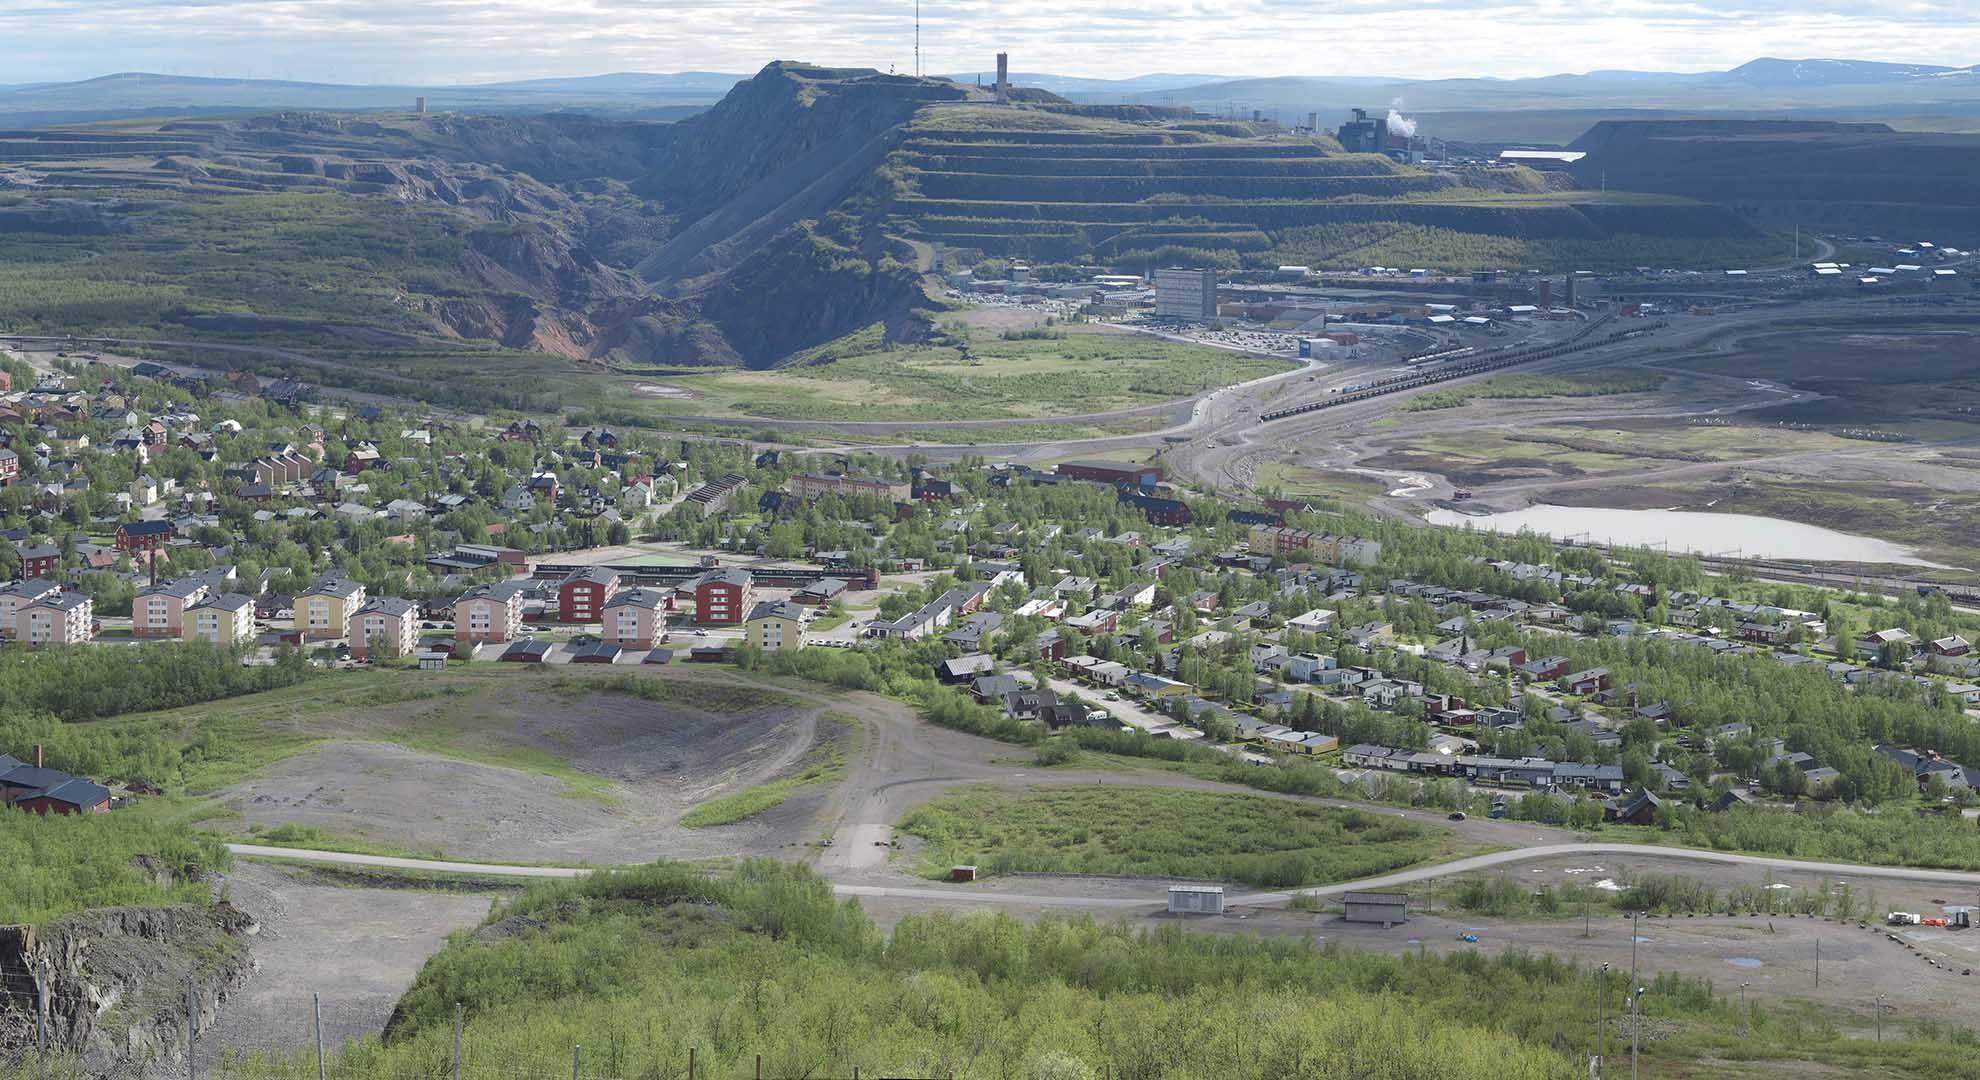 La ciudad de Kiruna, en Suecia, vive un traslado de ubicación a causa de las afectaciones en el terreno por la actividad de una mina.